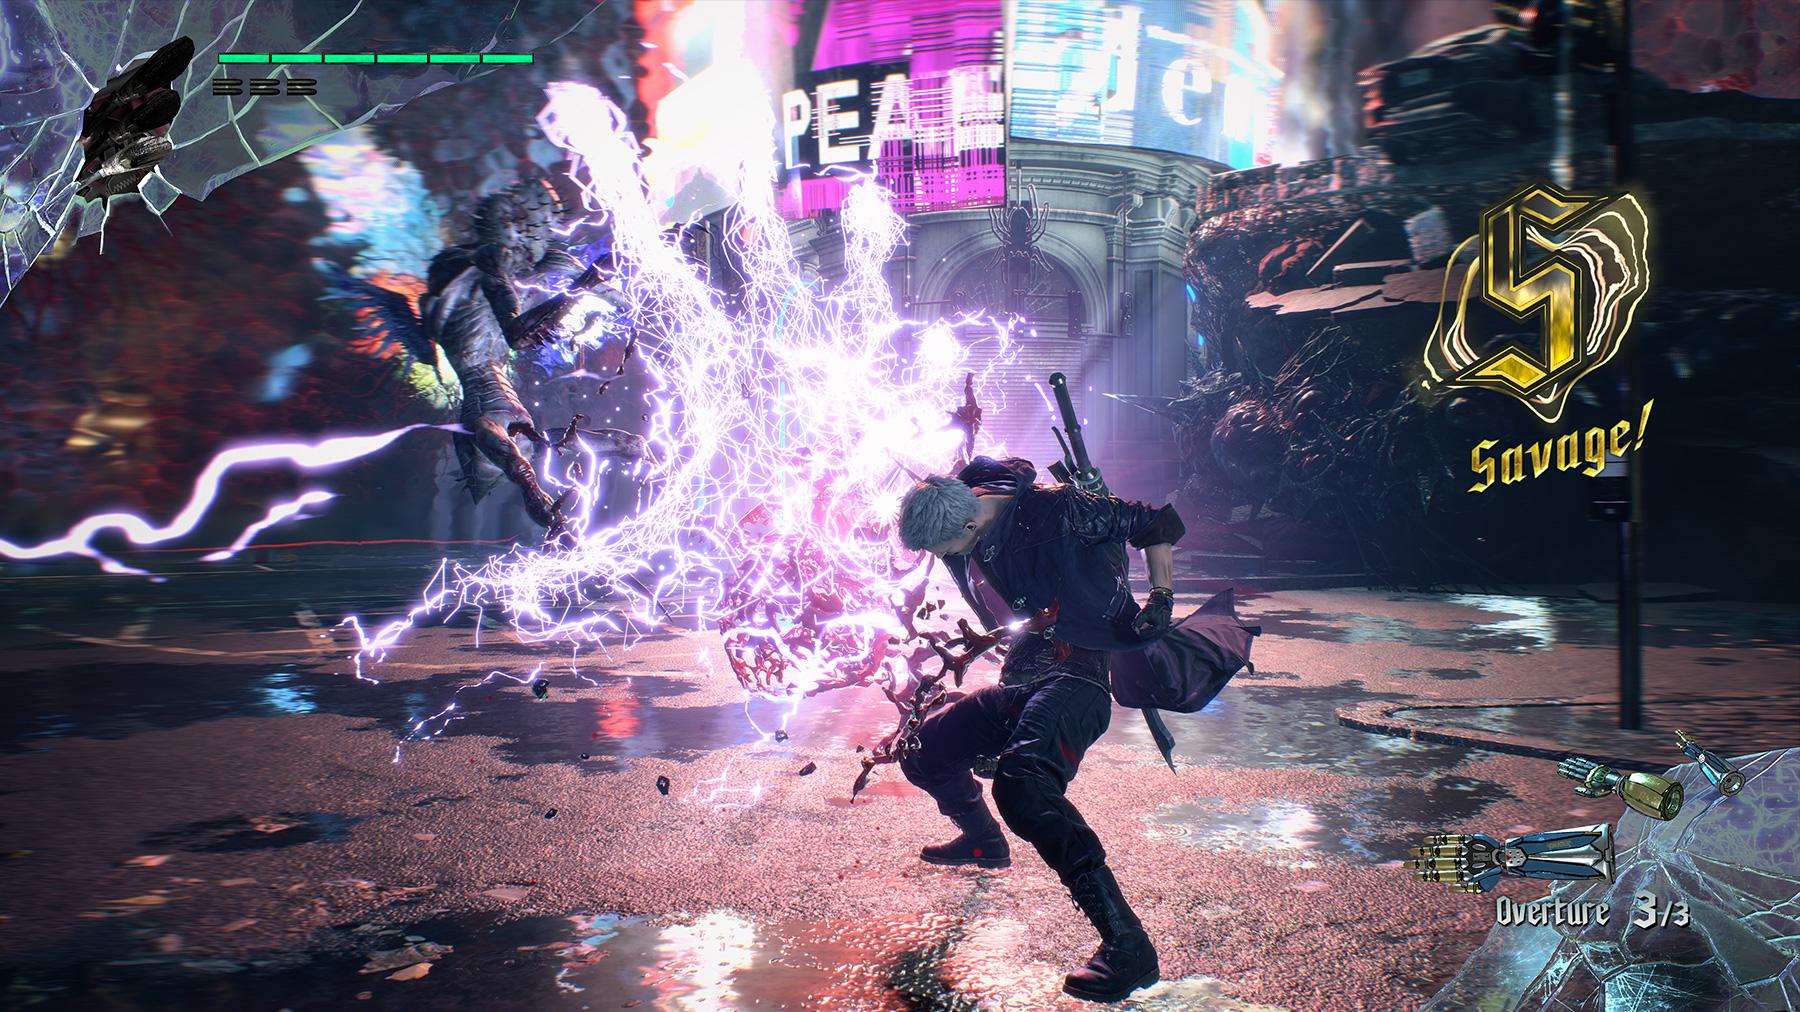 Devil May Cry 5: Todo sobre sus personajes, jugabilidad, secretos y rumores